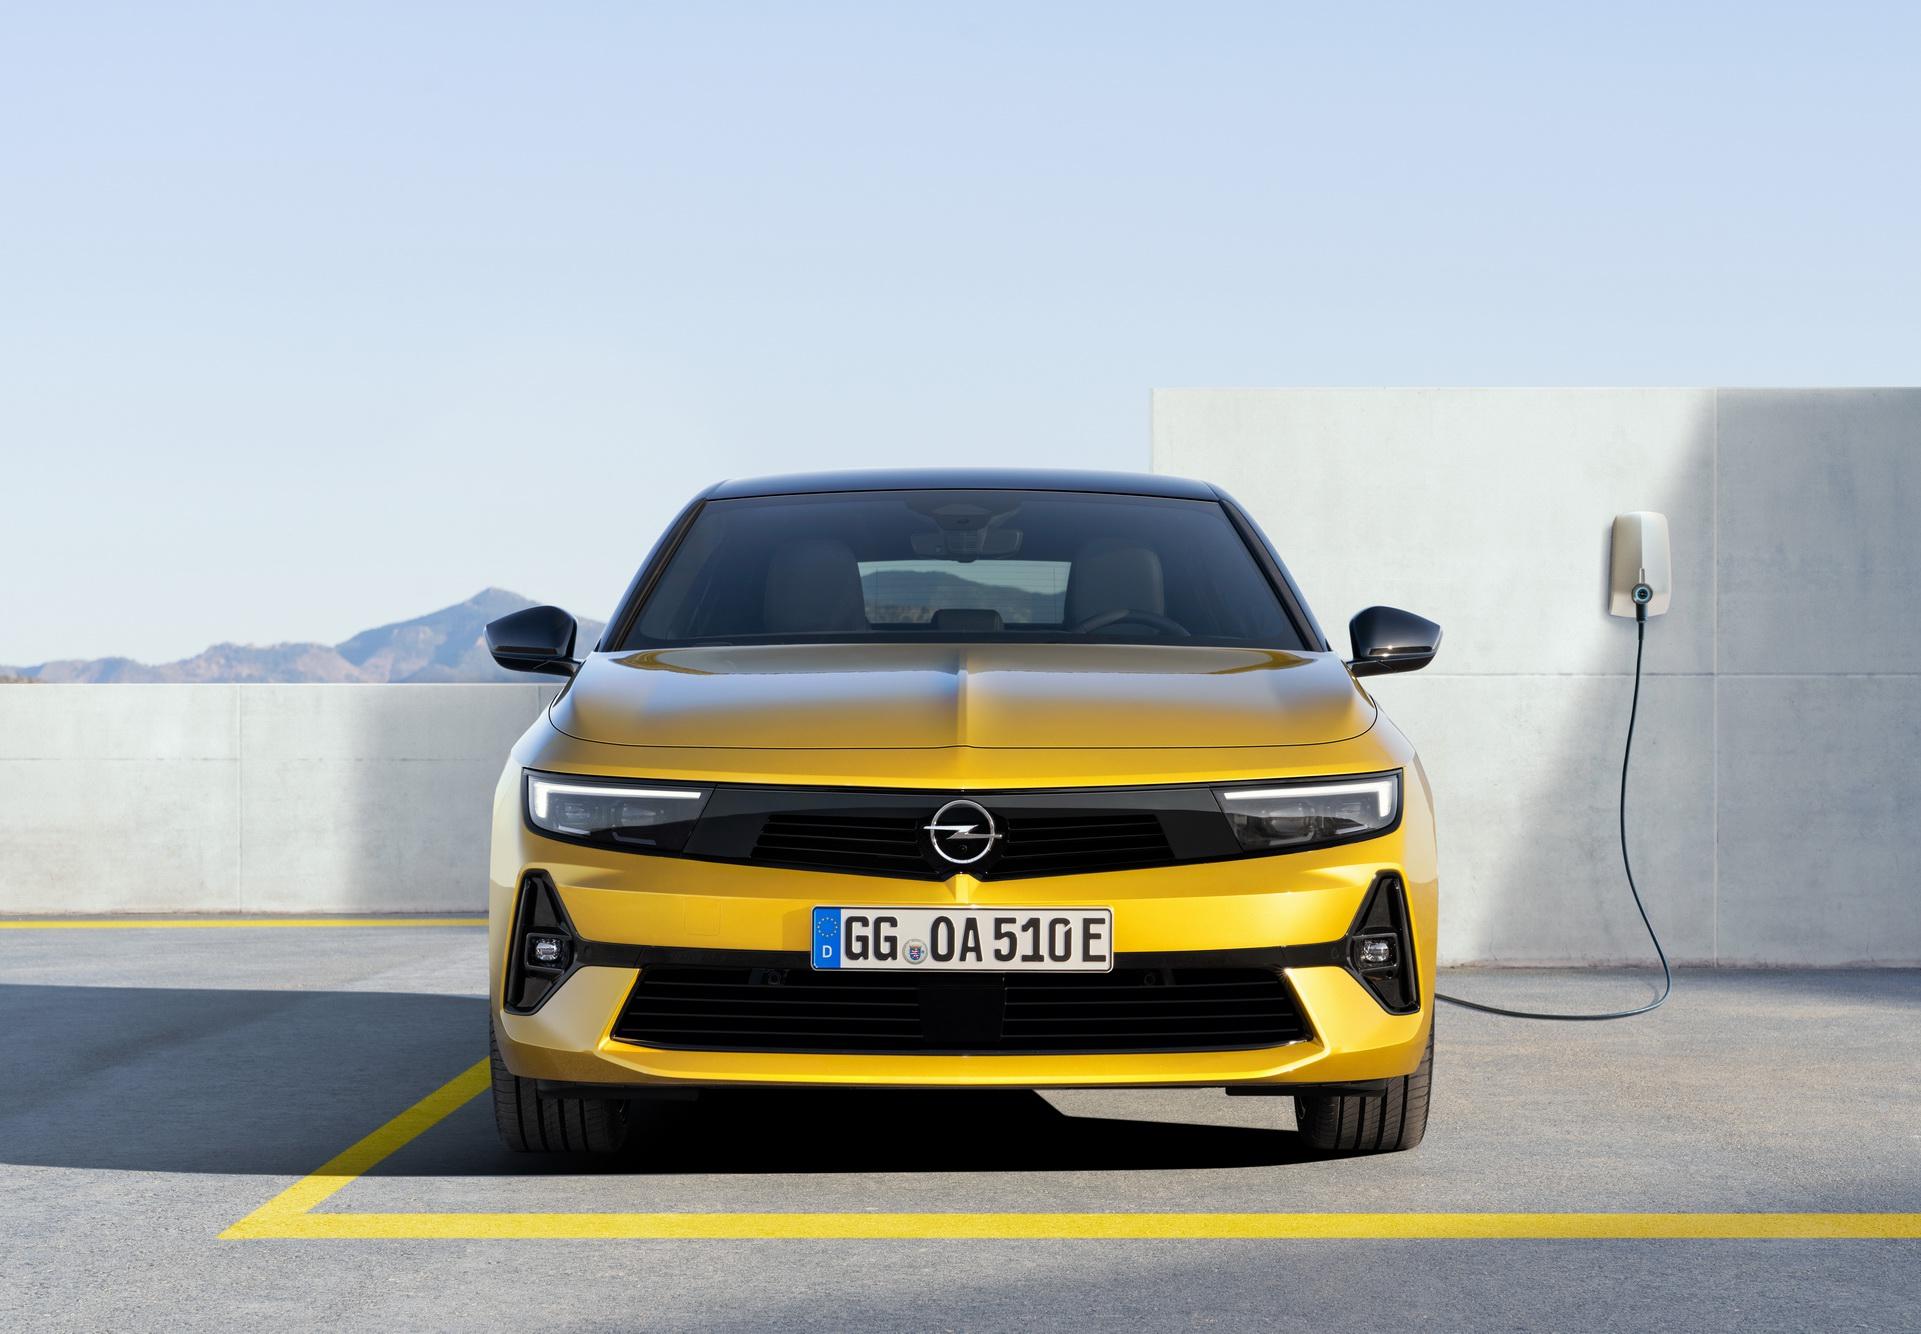 Επίσημο: Αυτό είναι το νέο Opel Astra – Πότε θα έρθει στην Ελλάδα (pics)